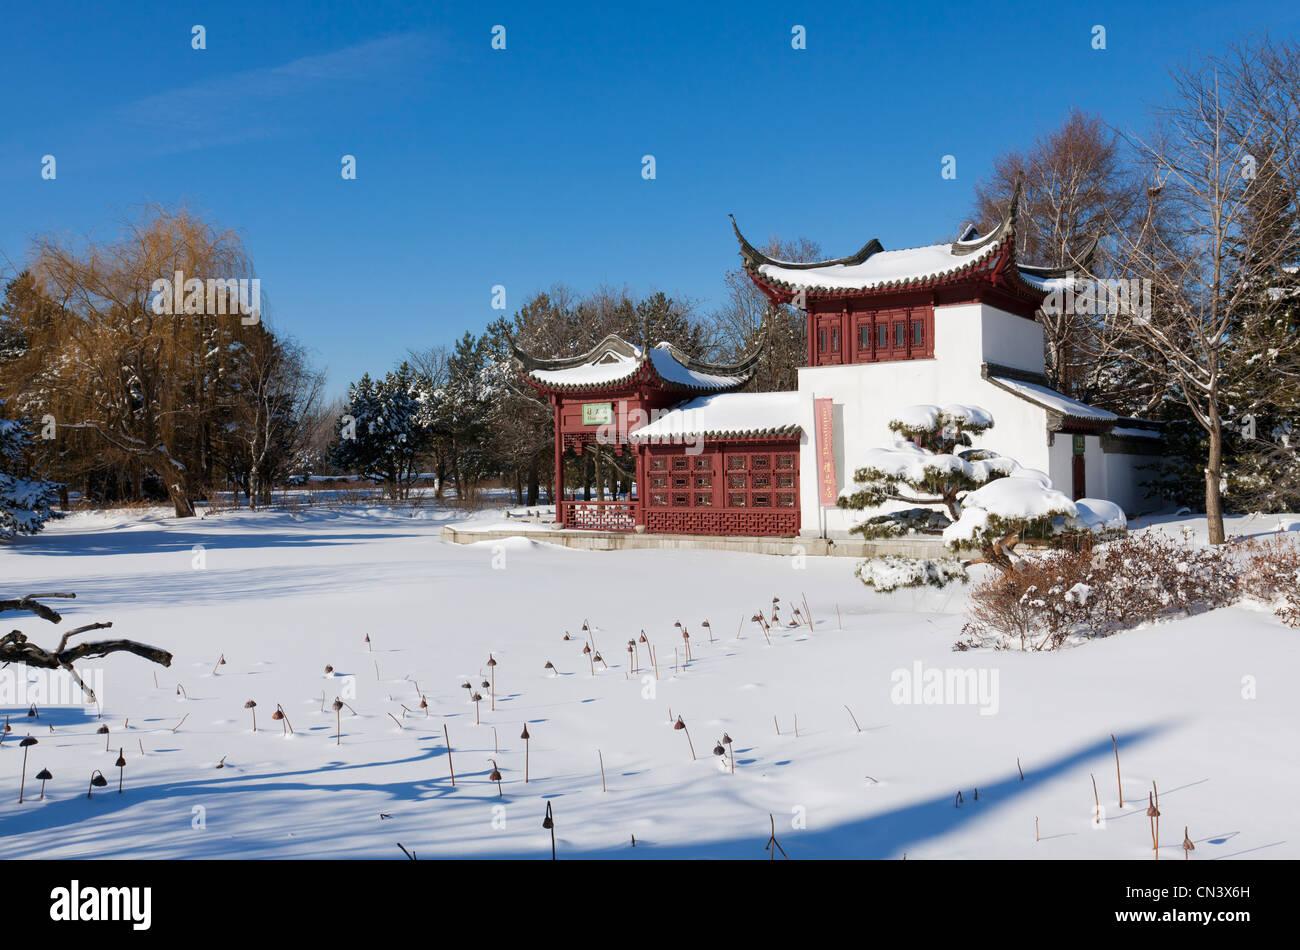 Canada, Provincia di Quebec, Montreal, il Giardino Botanico di neve il giardino Cinese e la pagoda Immagini Stock